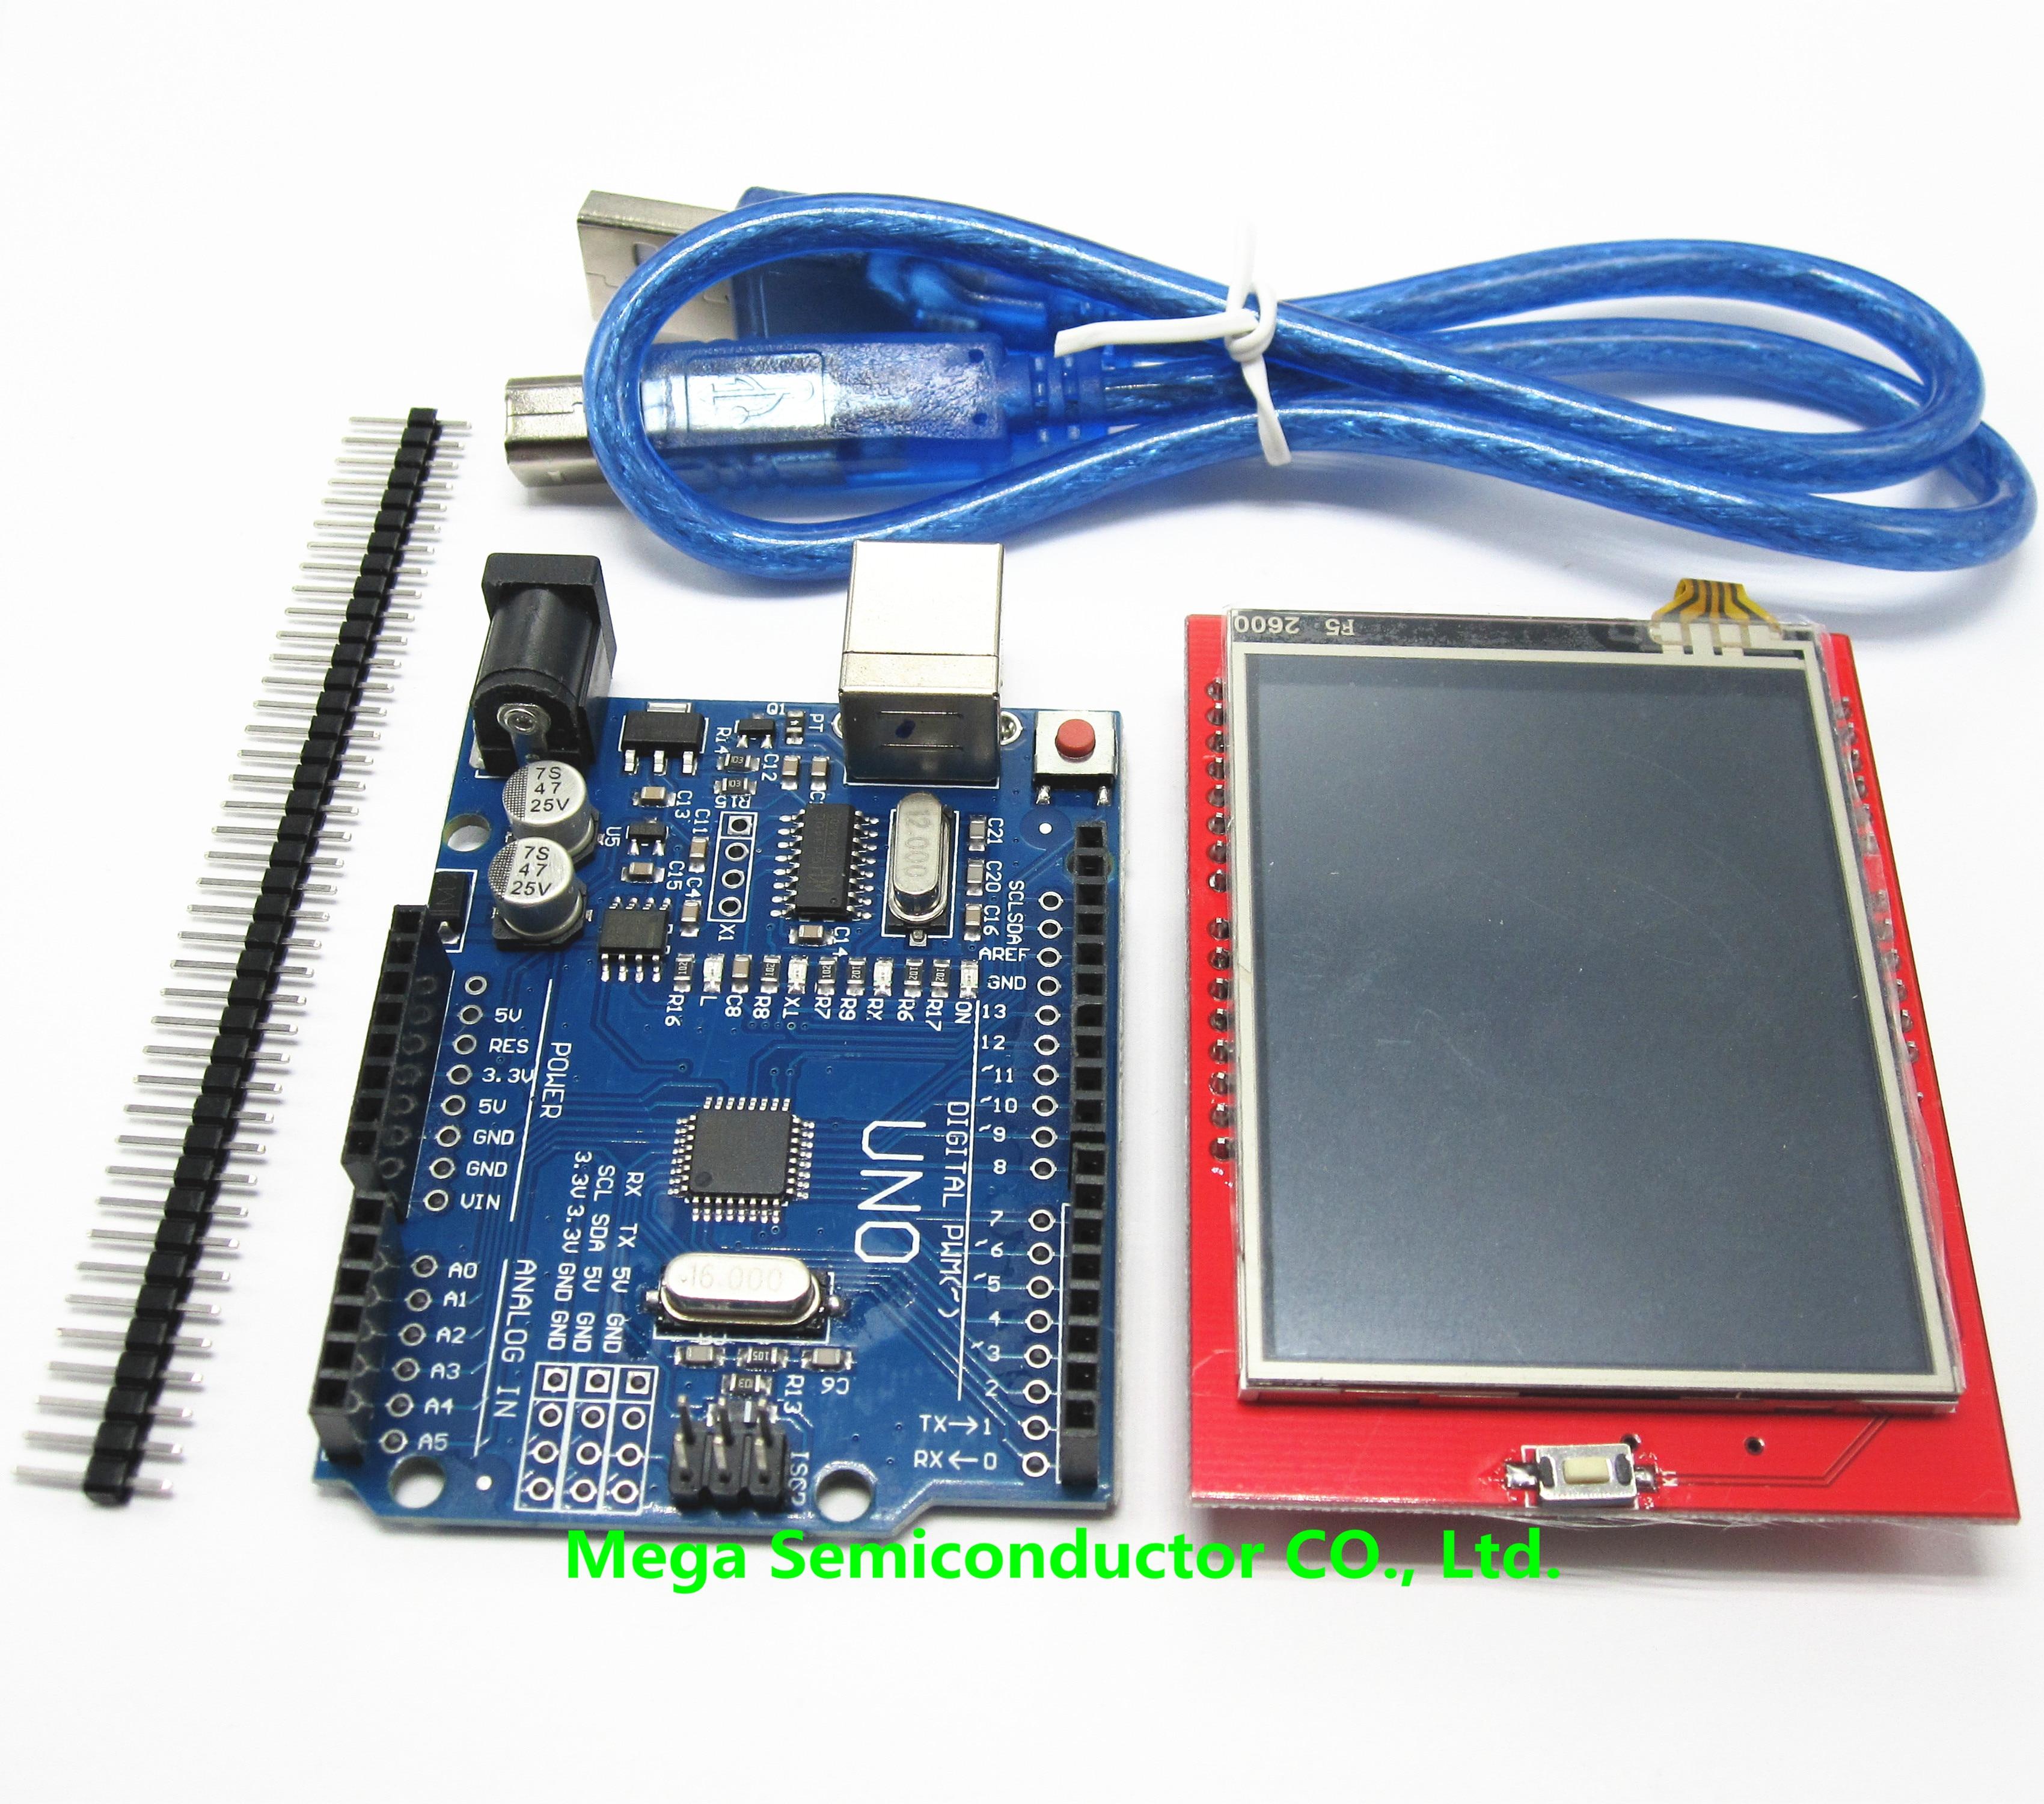 2.4 pouce TFT LCD Écran Tactile Module D'affichage + Uno r3, CH340, Conseil de développement Compatible + USB Câble